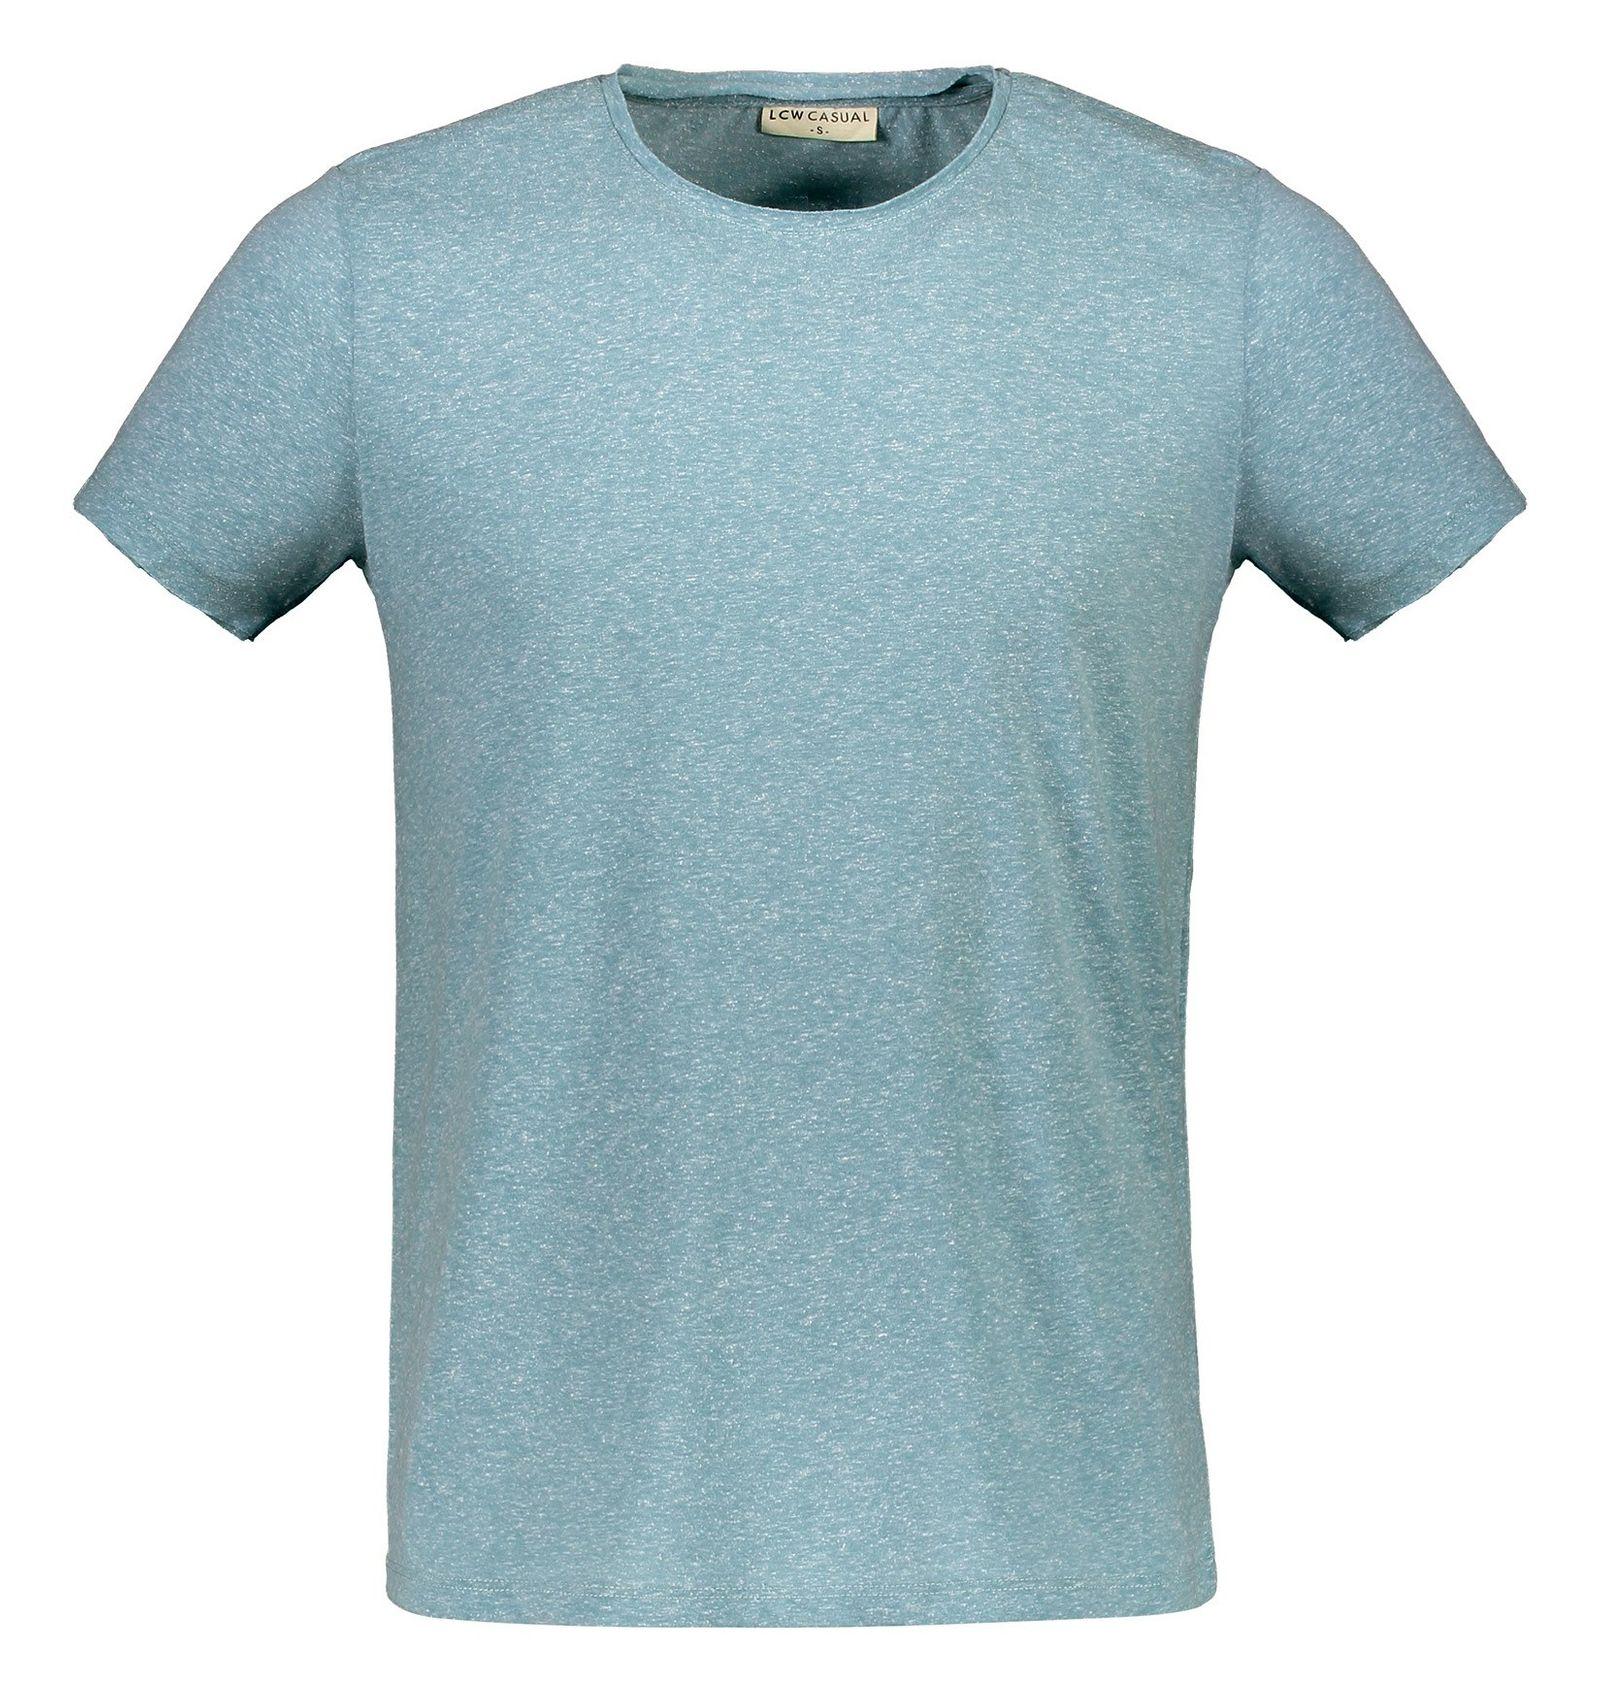 تی شرت یقه گرد مردانه - ال سی وایکیکی - آبي روشن ملانژ - 1